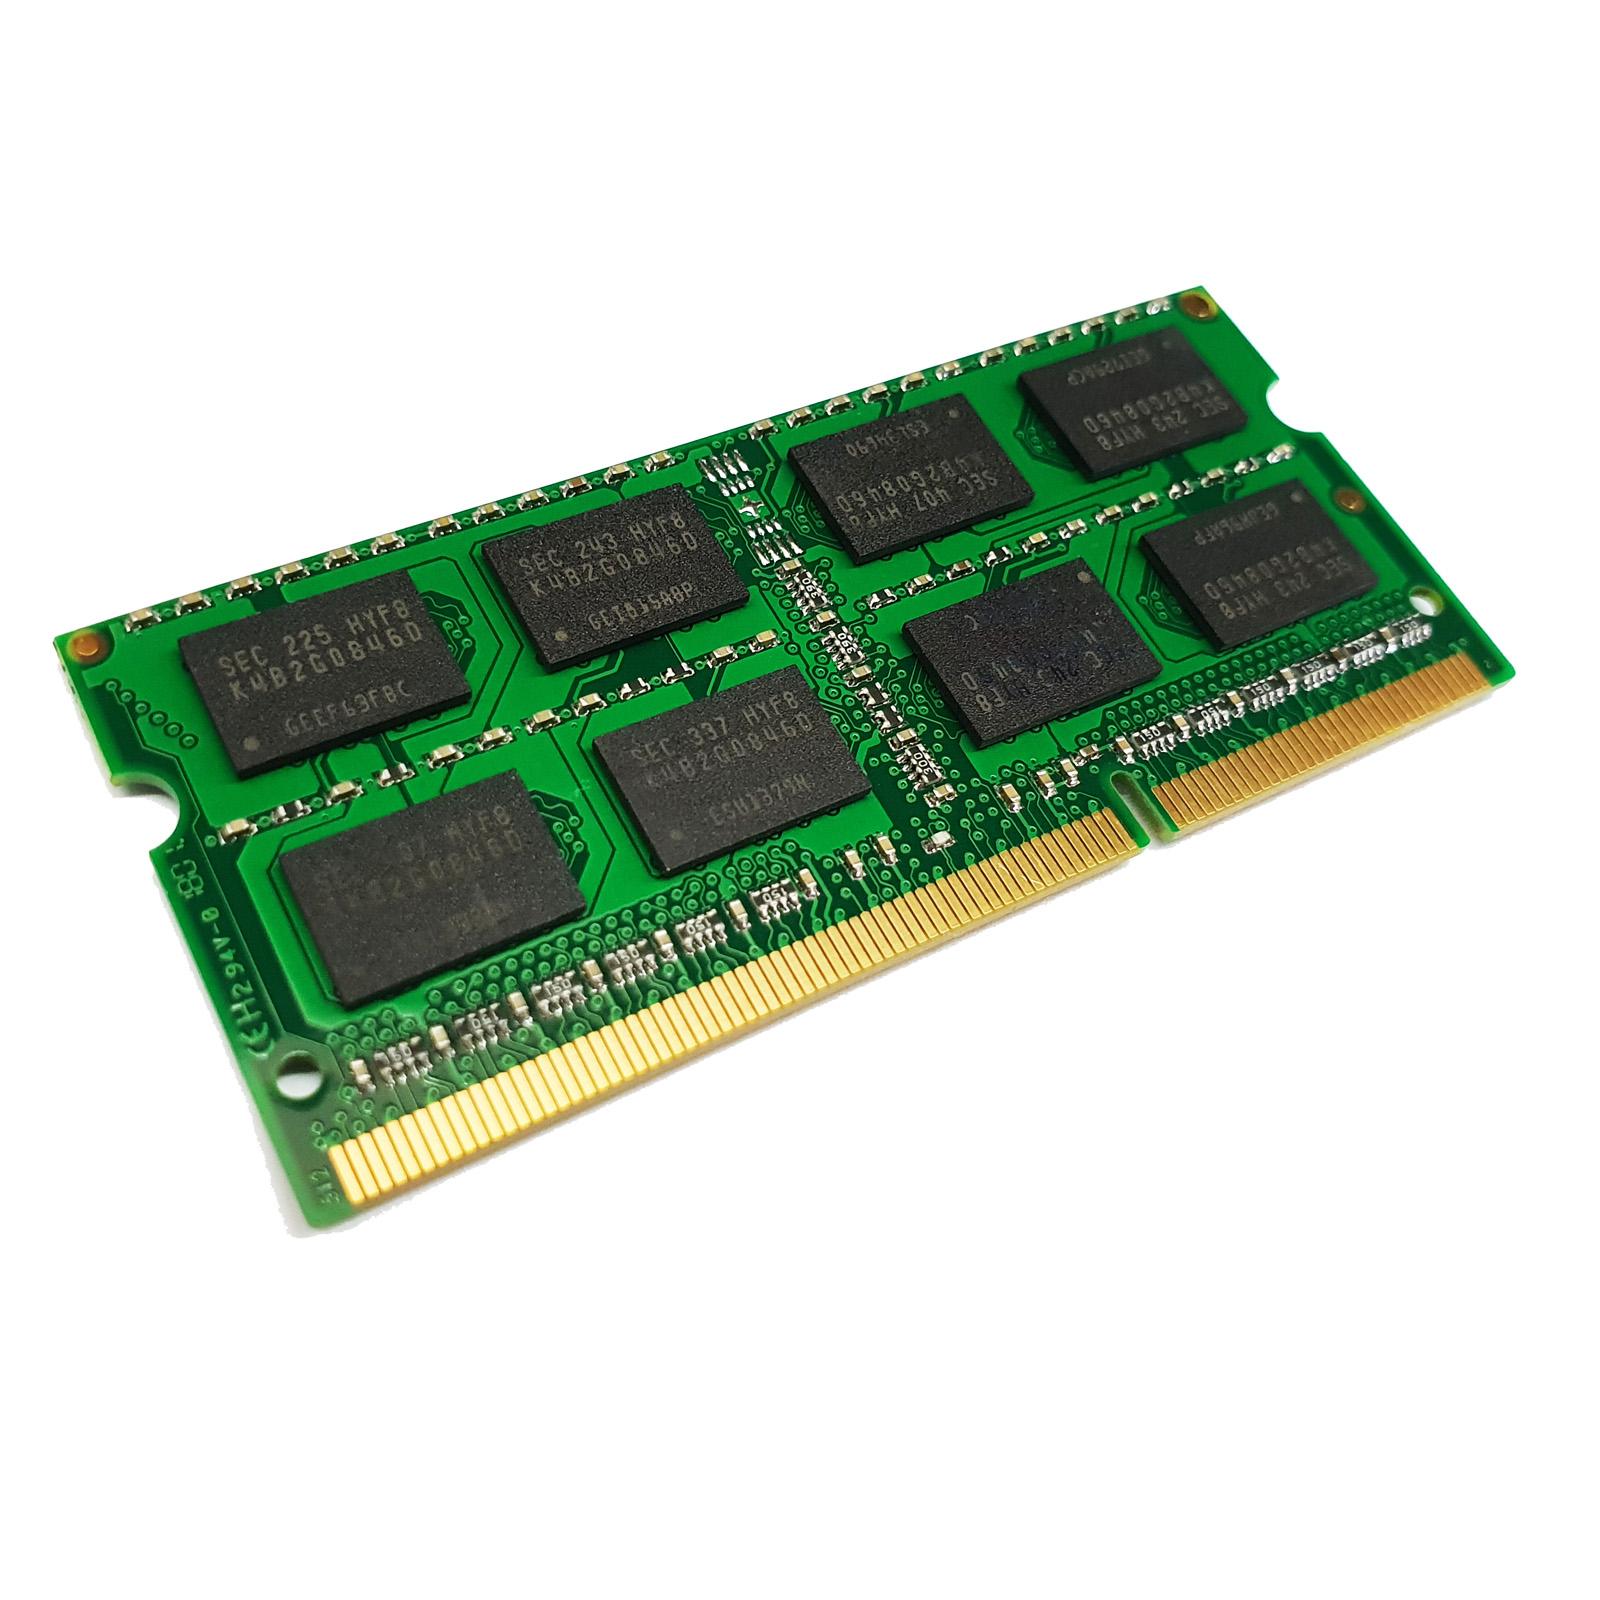 Aopen-gp1-d-ddr3-memoria-RAM-8gb-4gb-para